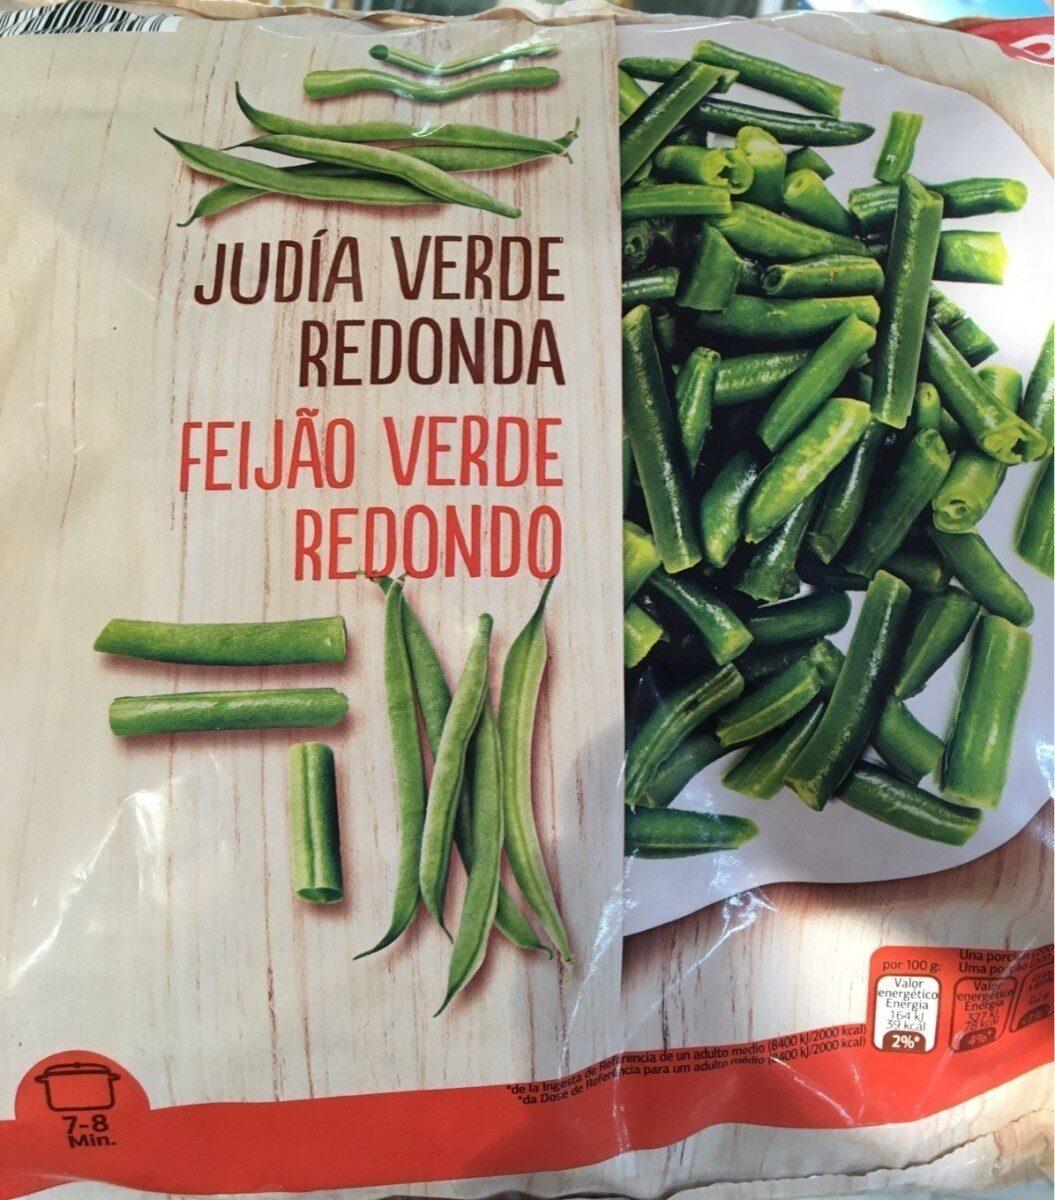 Judia verde redonda - Produit - es